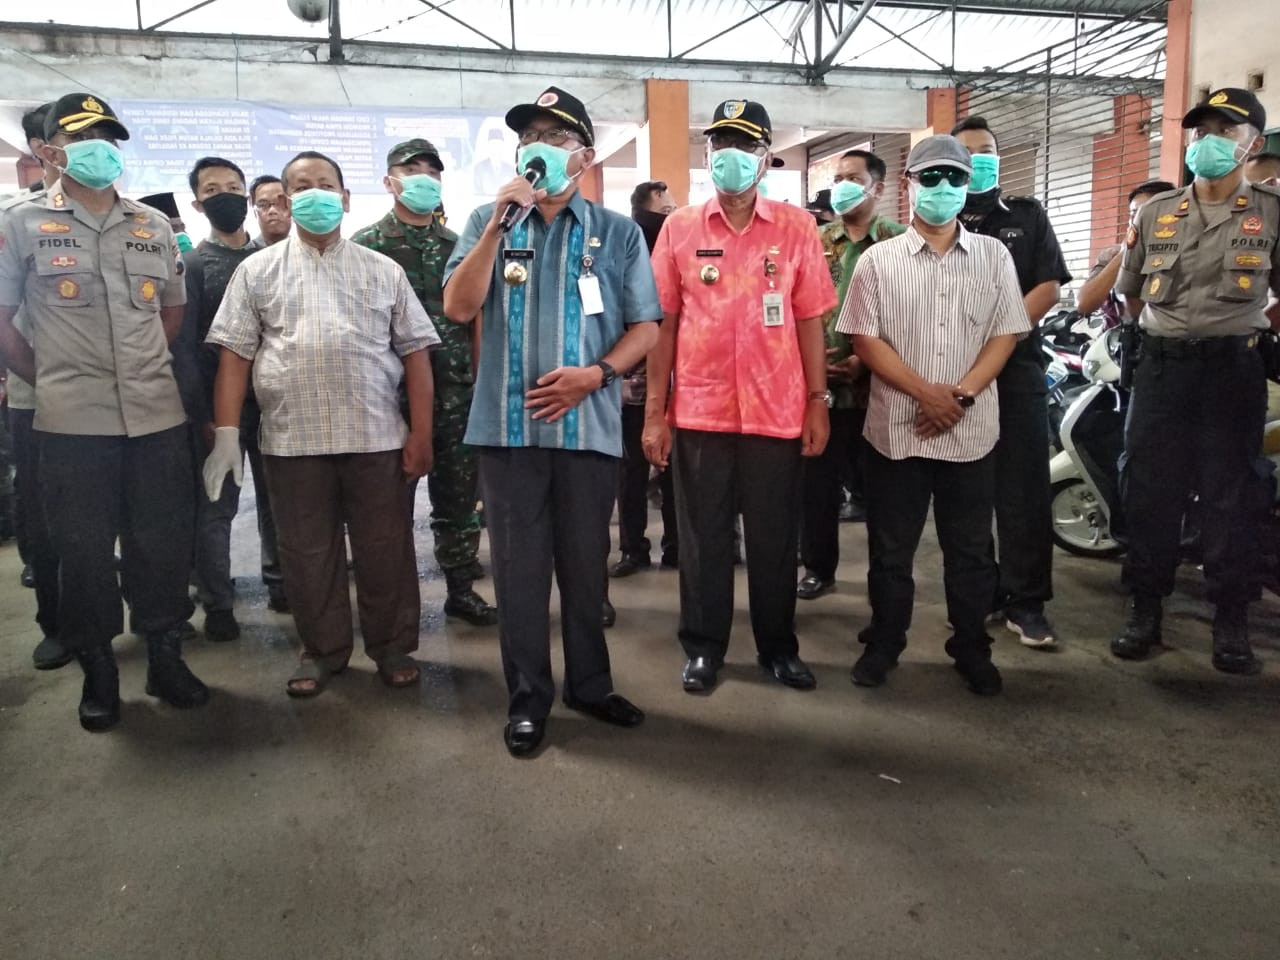 Kegiatan Pemantauan Harga Kepokmas Dan Sosialisasi Pencegahan Penyebaran Covid 19 Di Pasar Bintoro